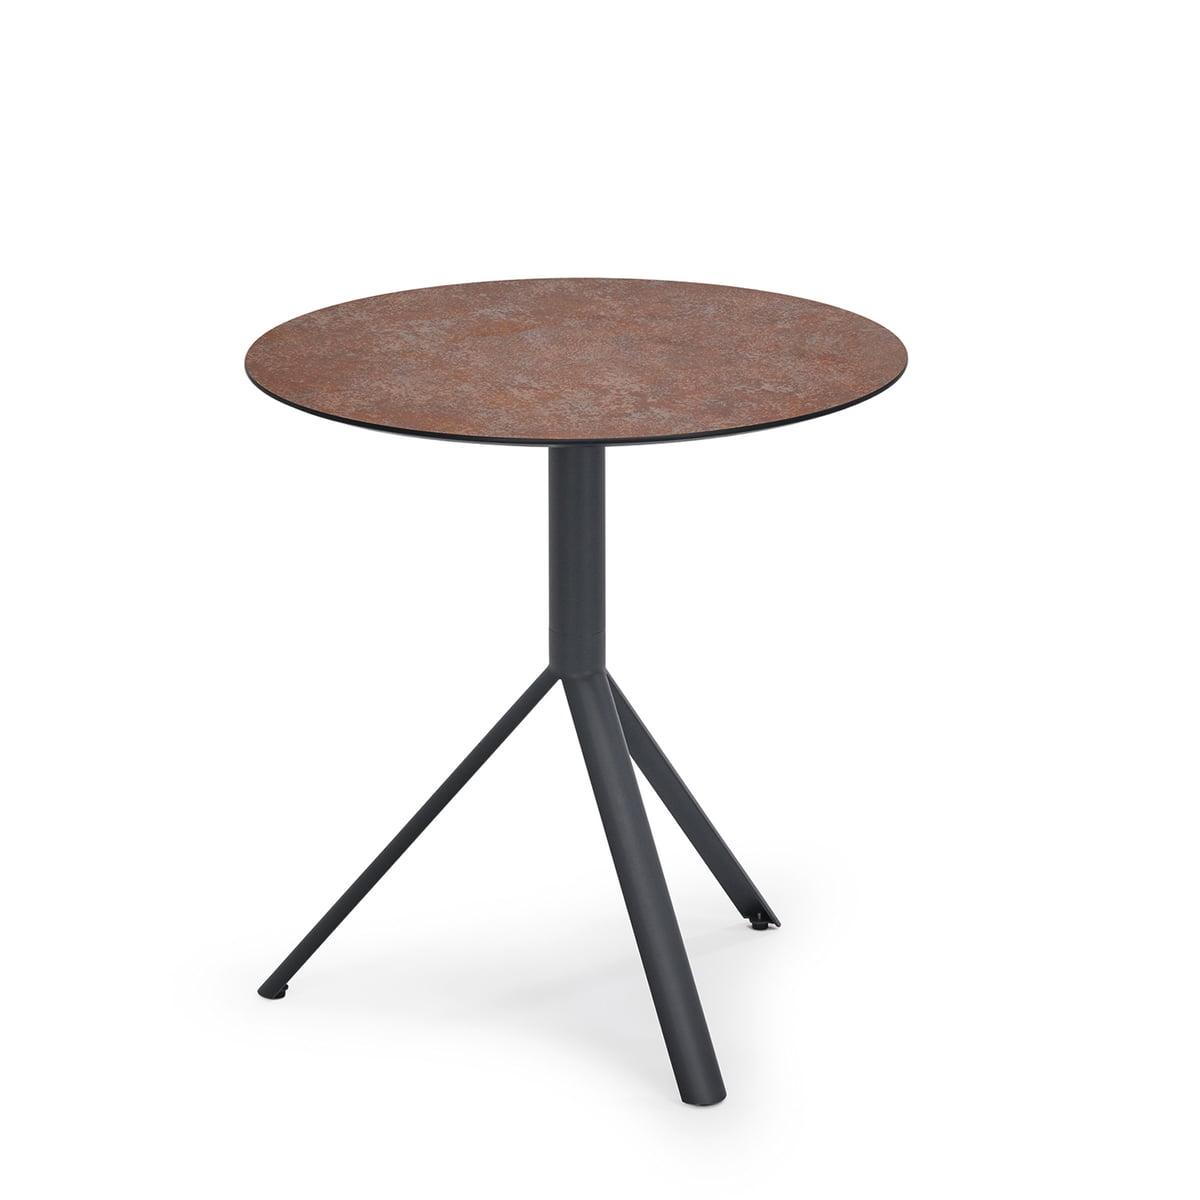 trio bistrotisch rund von weish upl. Black Bedroom Furniture Sets. Home Design Ideas